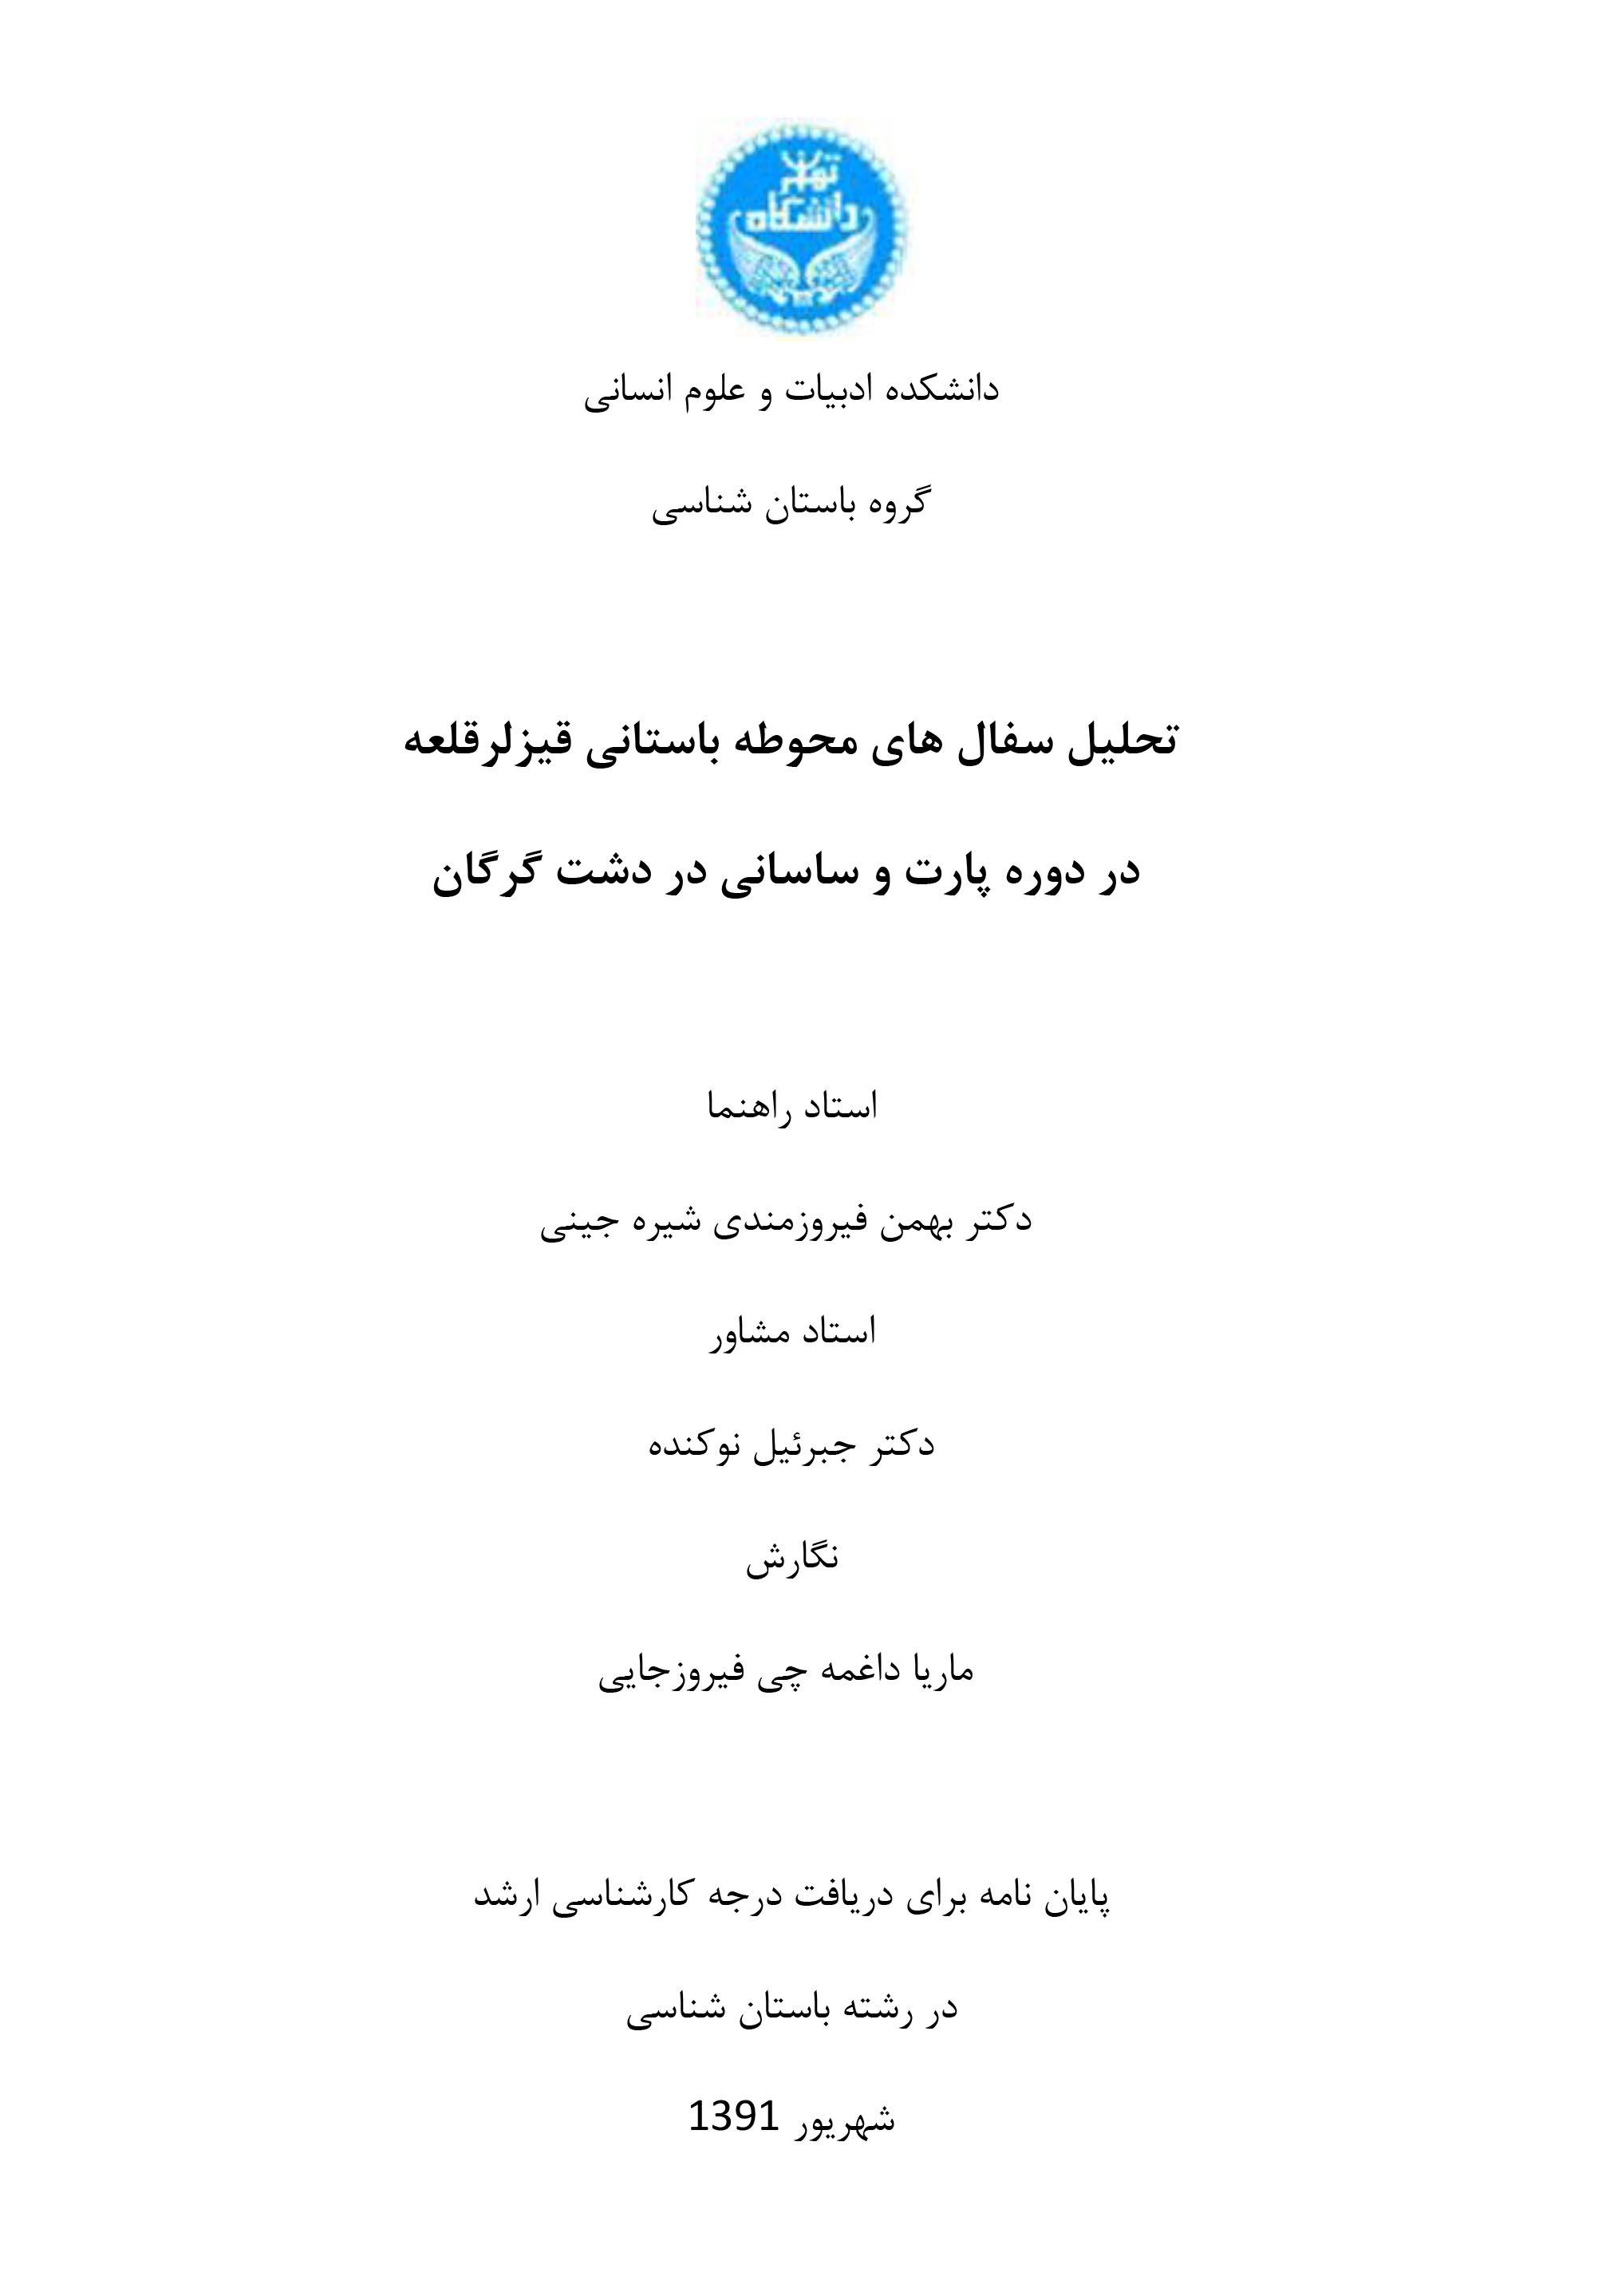 تحلیل سفال های محوطه باستانی قیزلرقلعه در دوره پارت و ساسانی در دشت گرگان